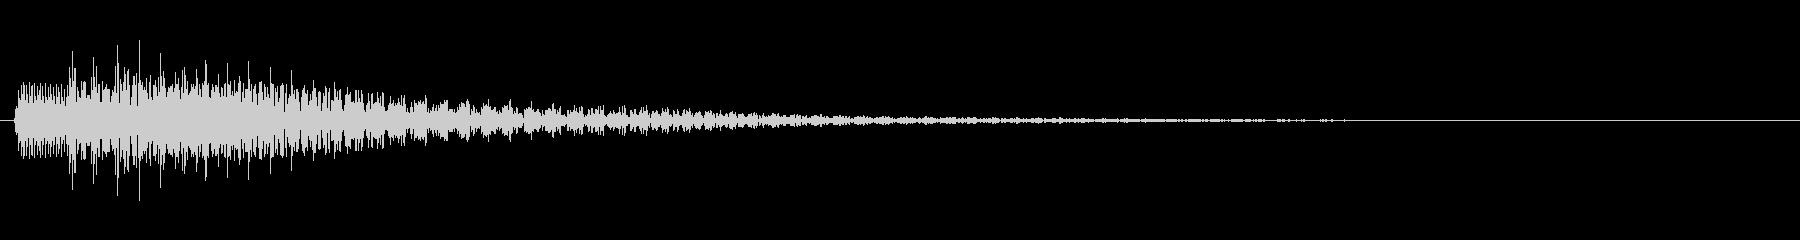 KANTアプリサウンド010224の未再生の波形